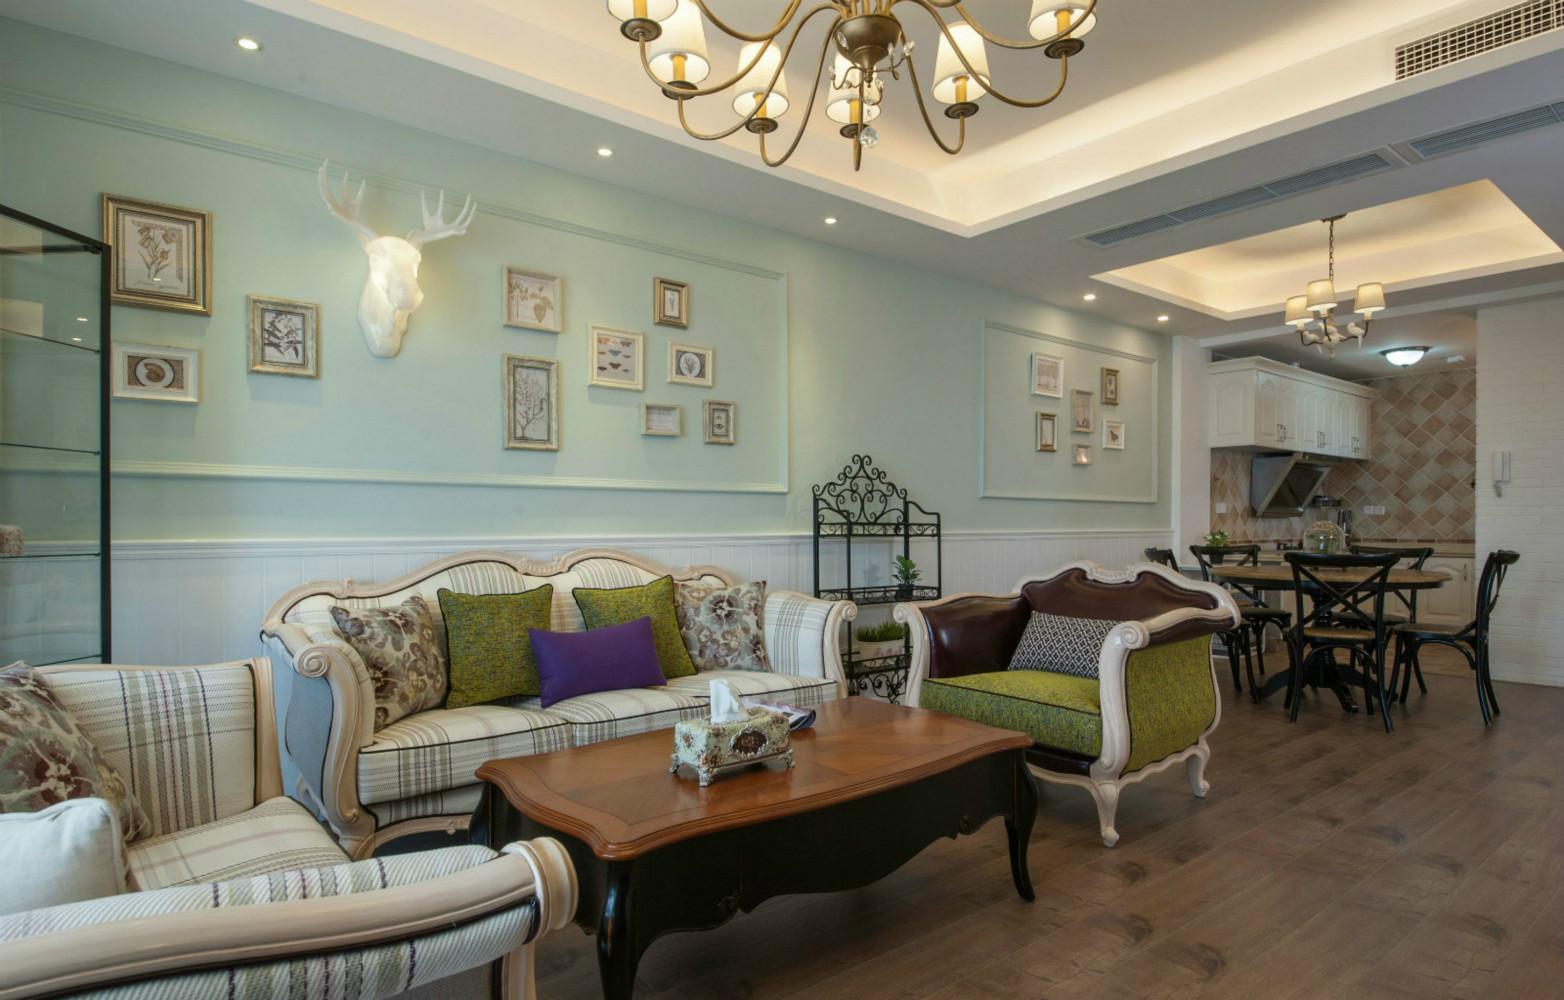 浅色作为主色调,很温馨,墙上的艺术角架,增加了一些艺术气息。